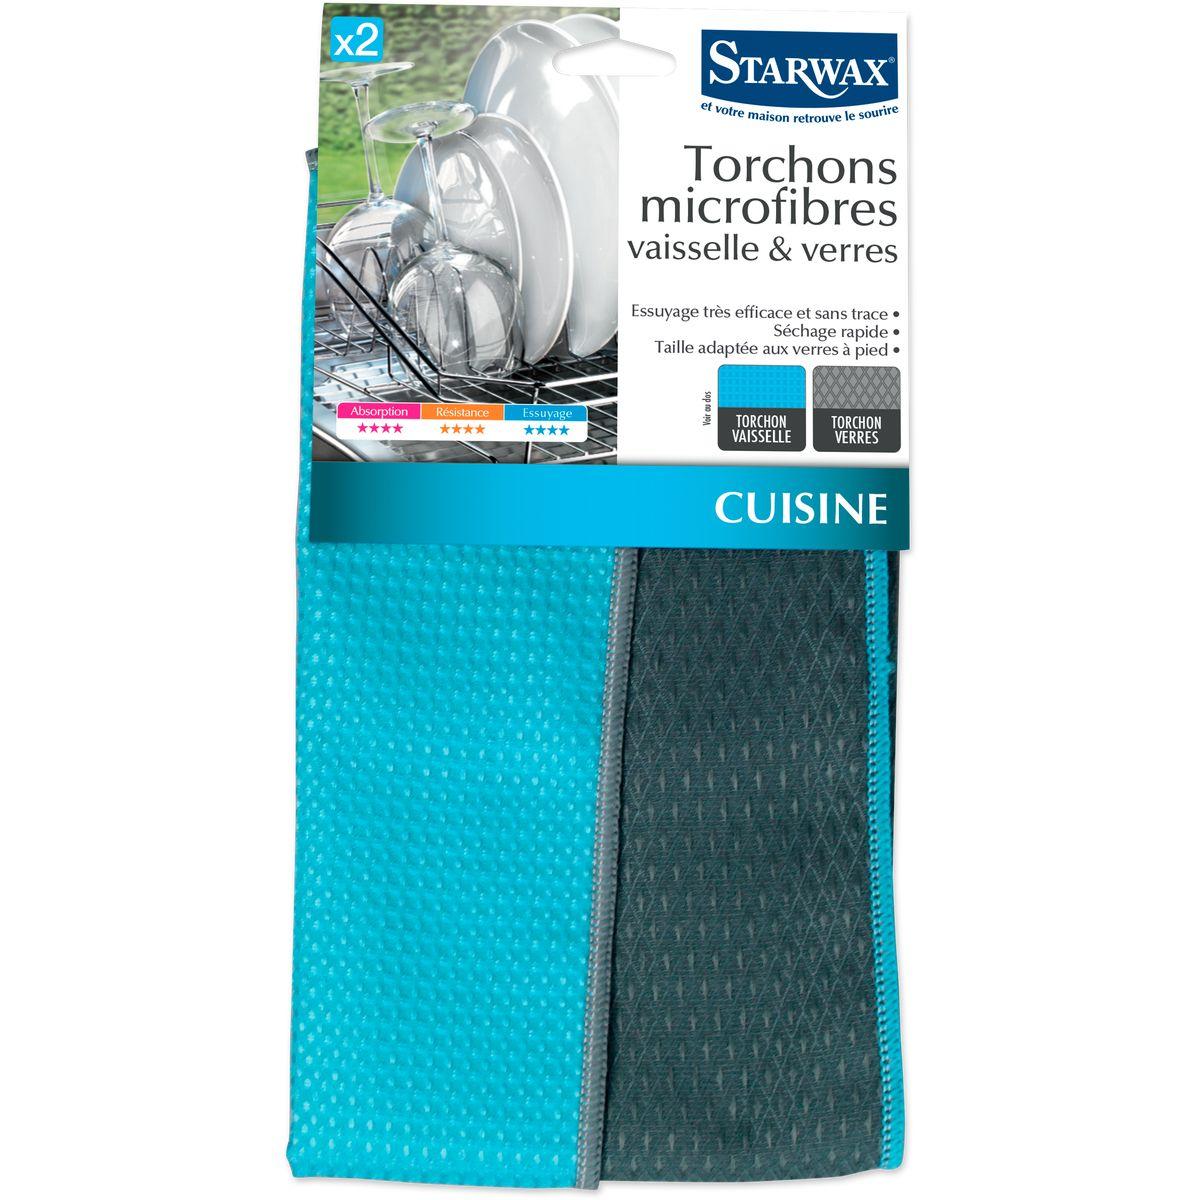 2 torchons microfibre vaisselle et verres - Starwax